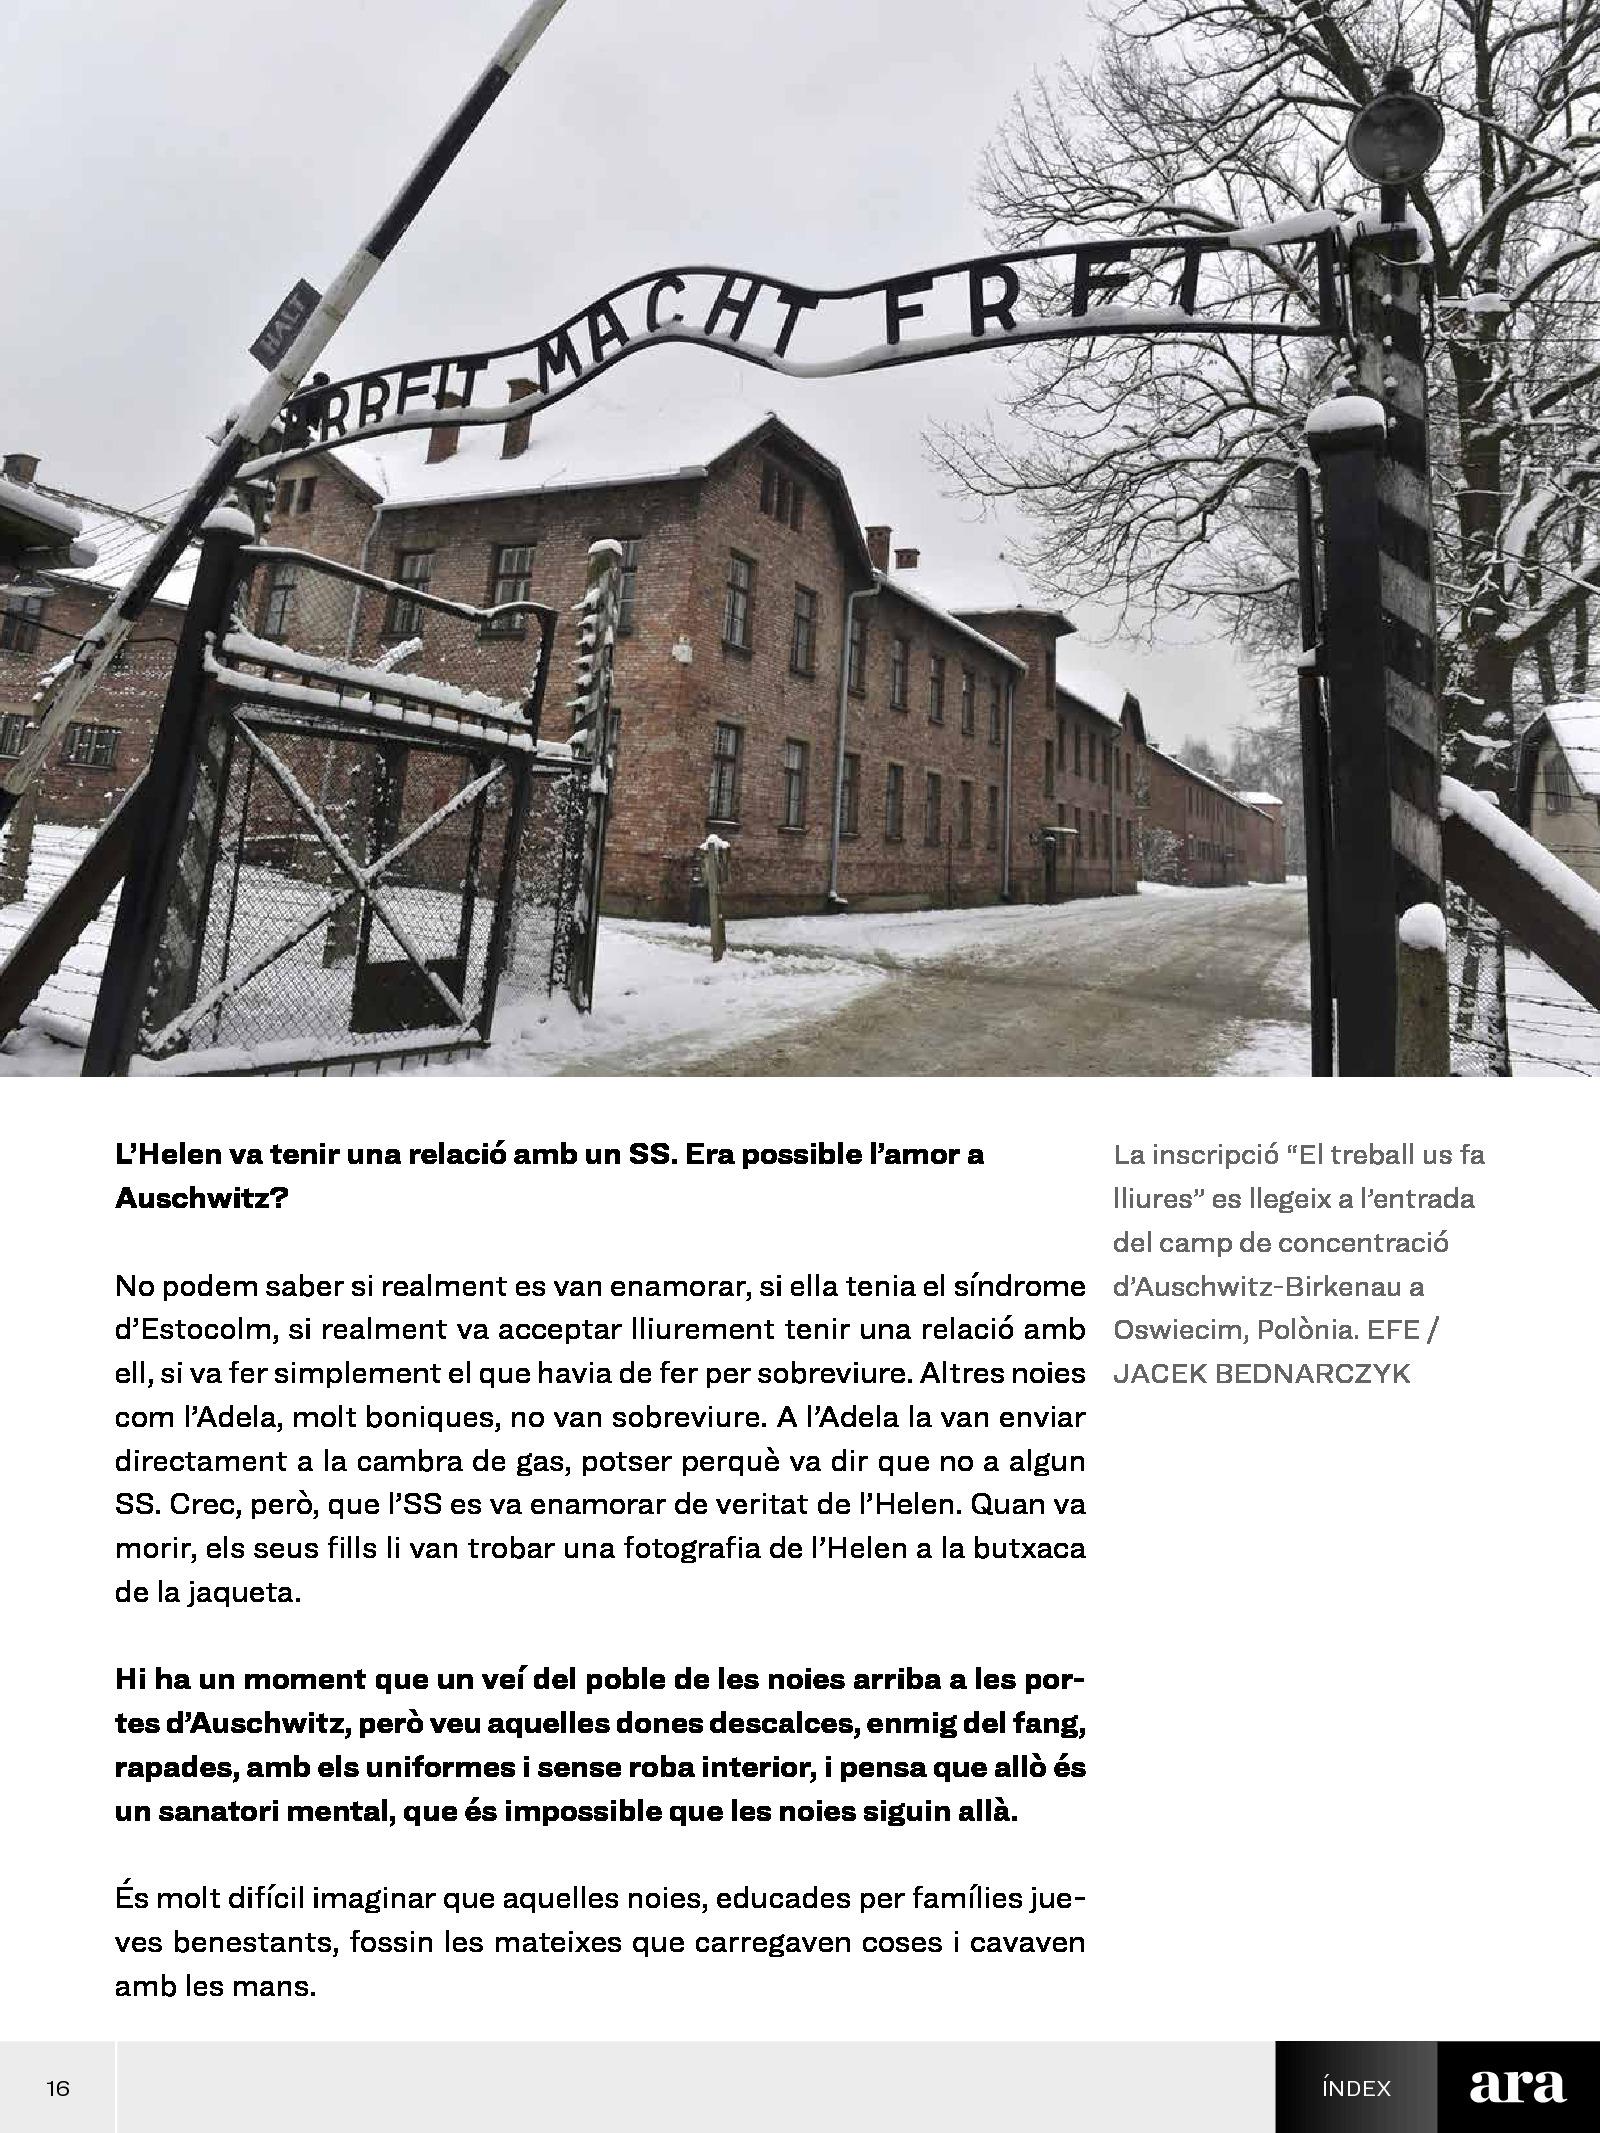 L'Holocaust, mai més! 2